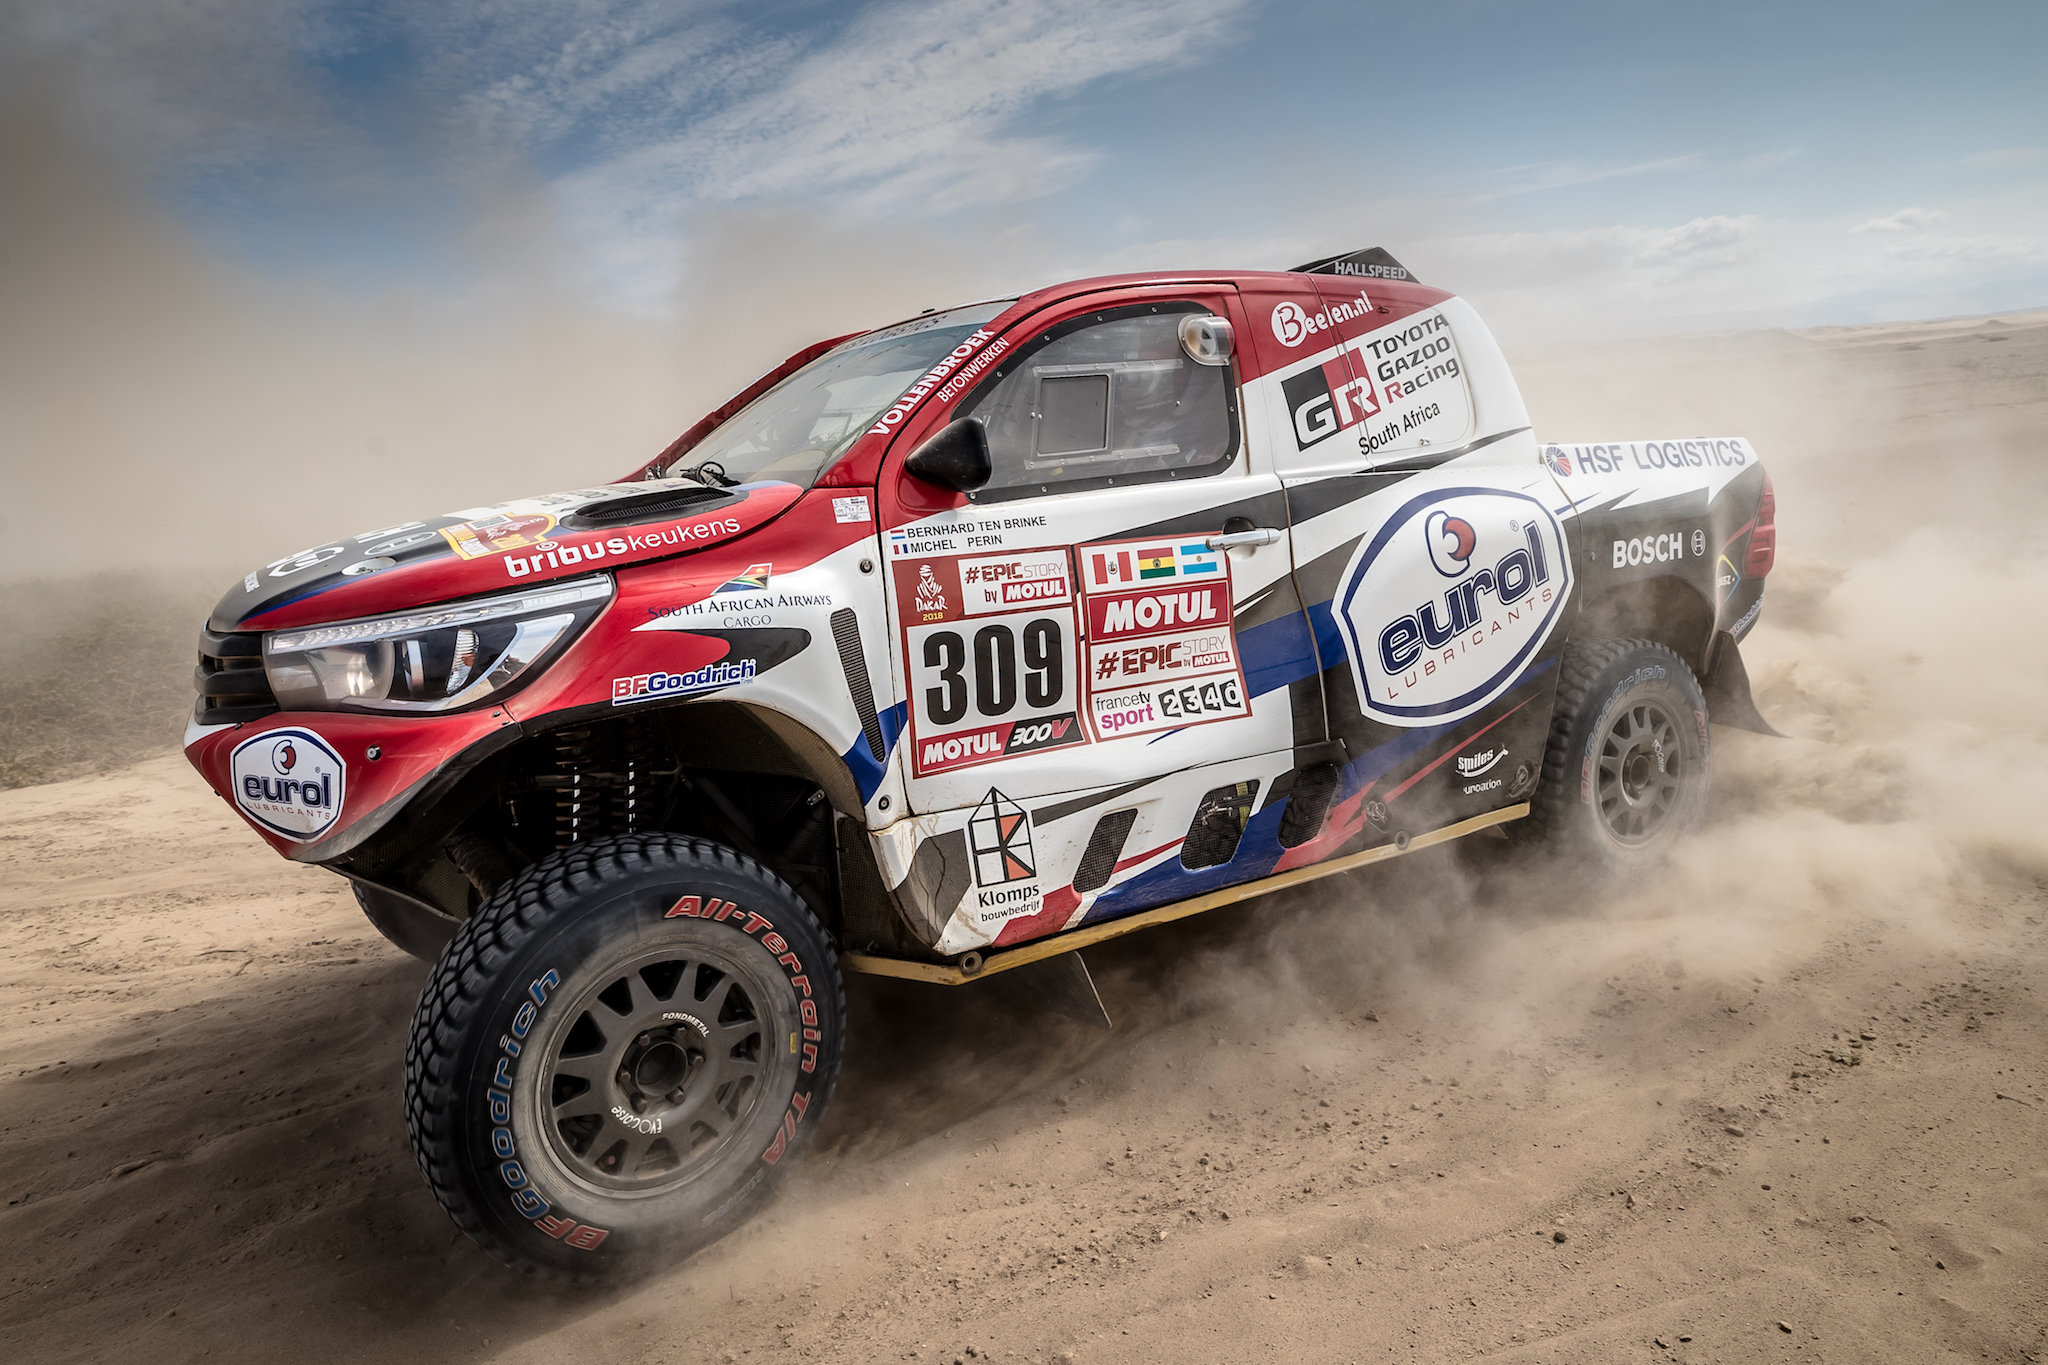 Imponerende tweede plaats voor Bernhard ten Brinke in 5e Dakar etappe